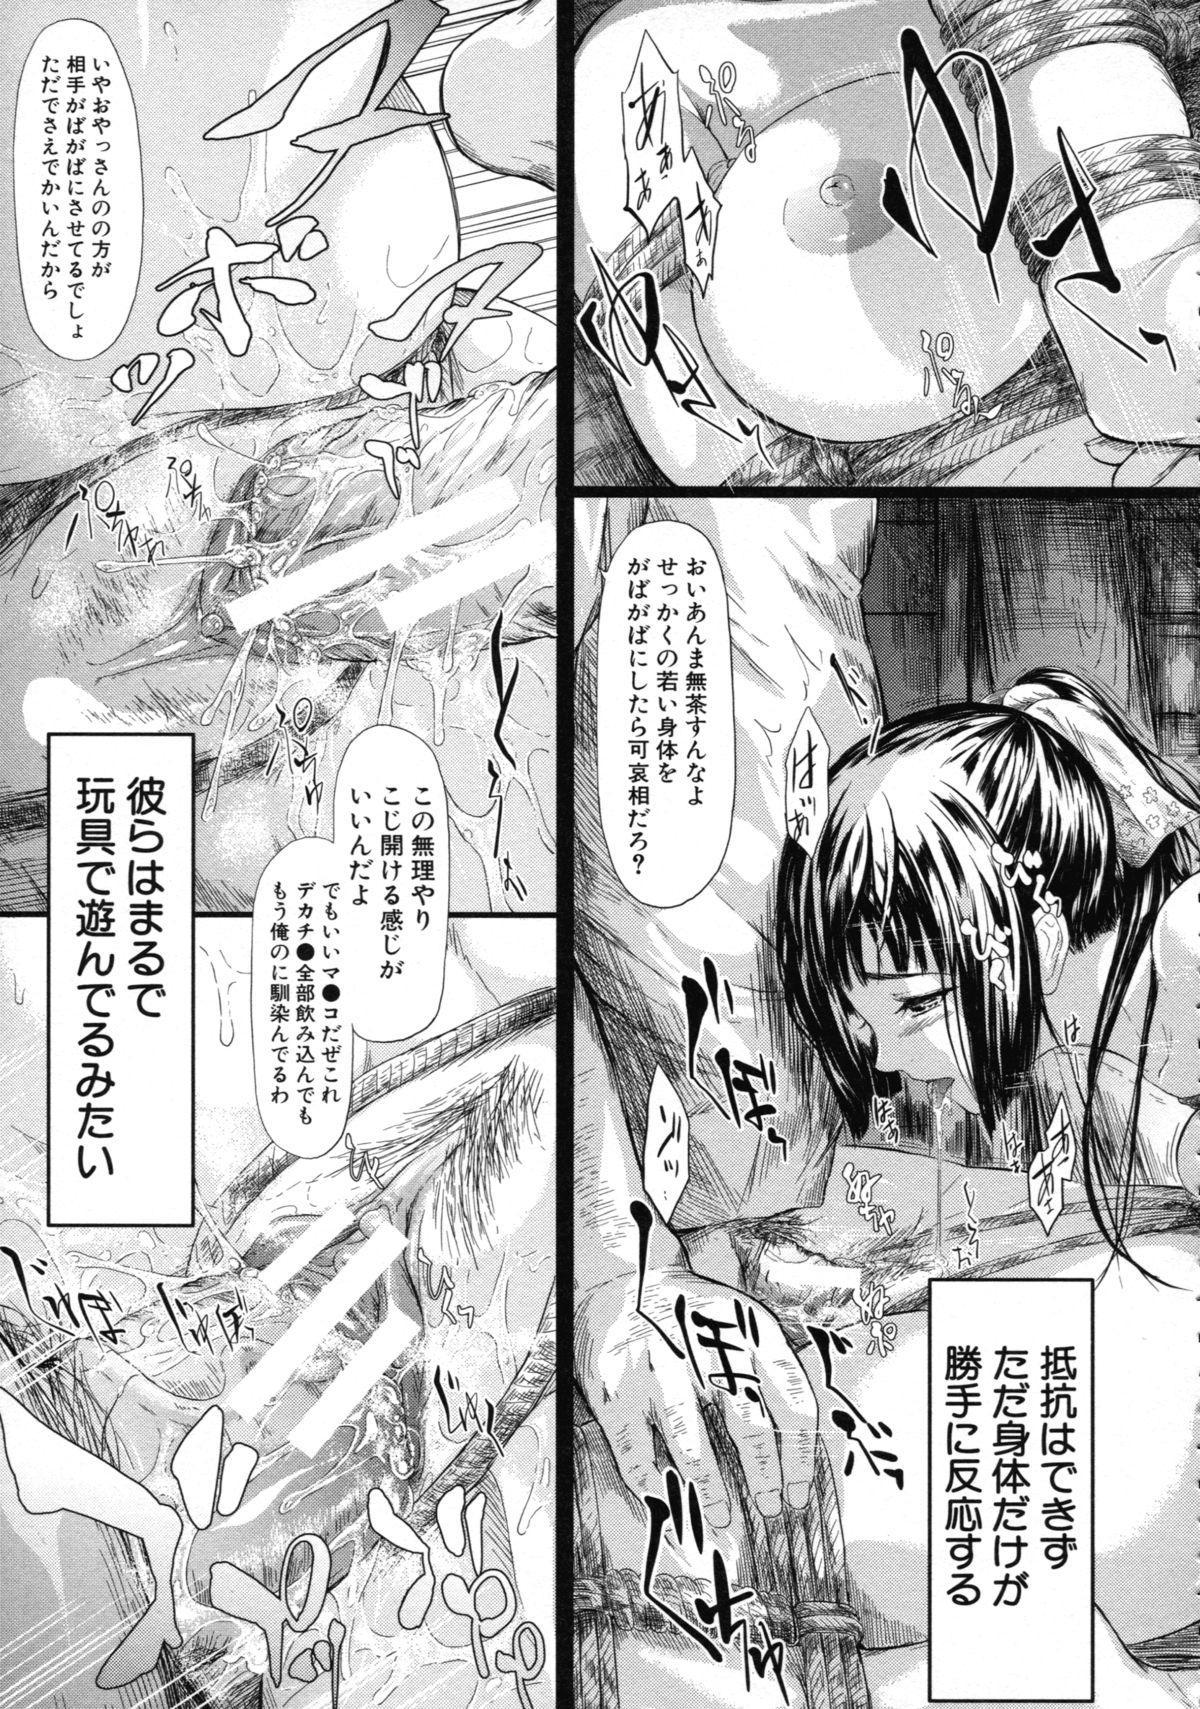 [Shiki Takuto] Tokoharu no Shoujo-tachi - The Girls in the Eternal Spring 148